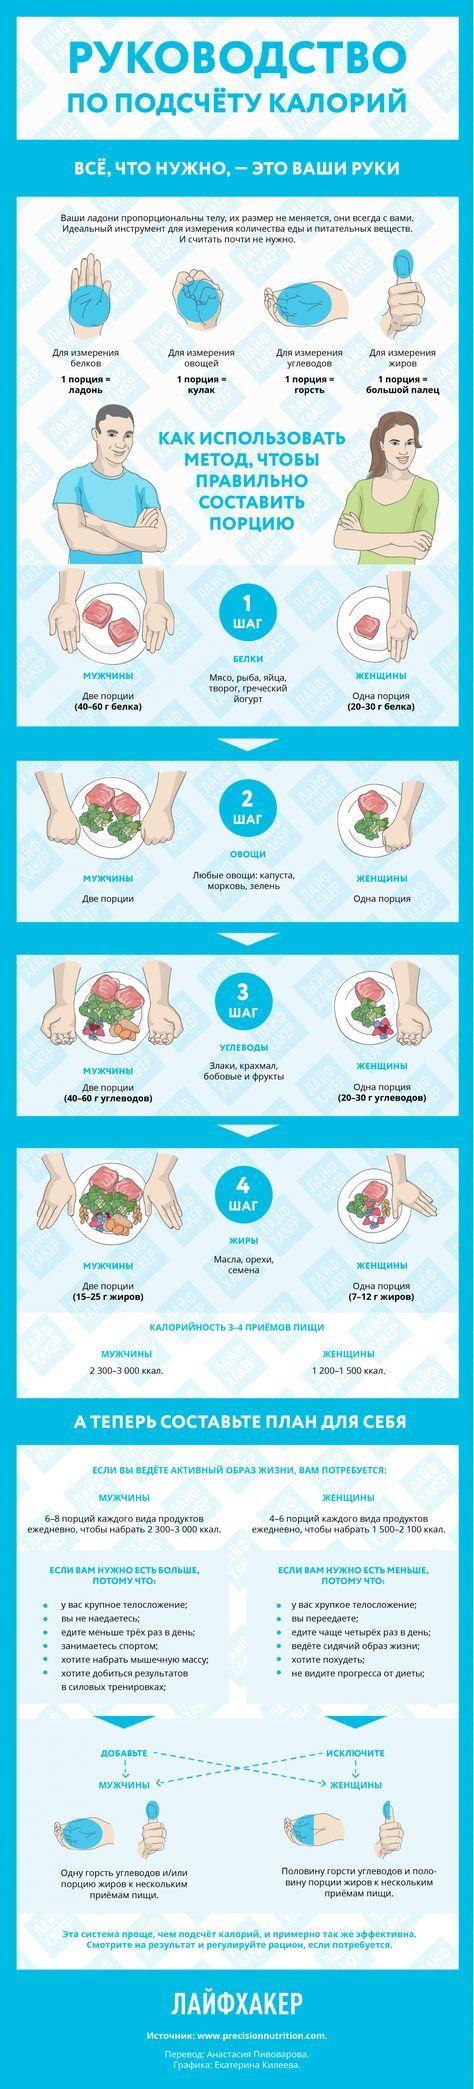 Как быстро посчитать калории